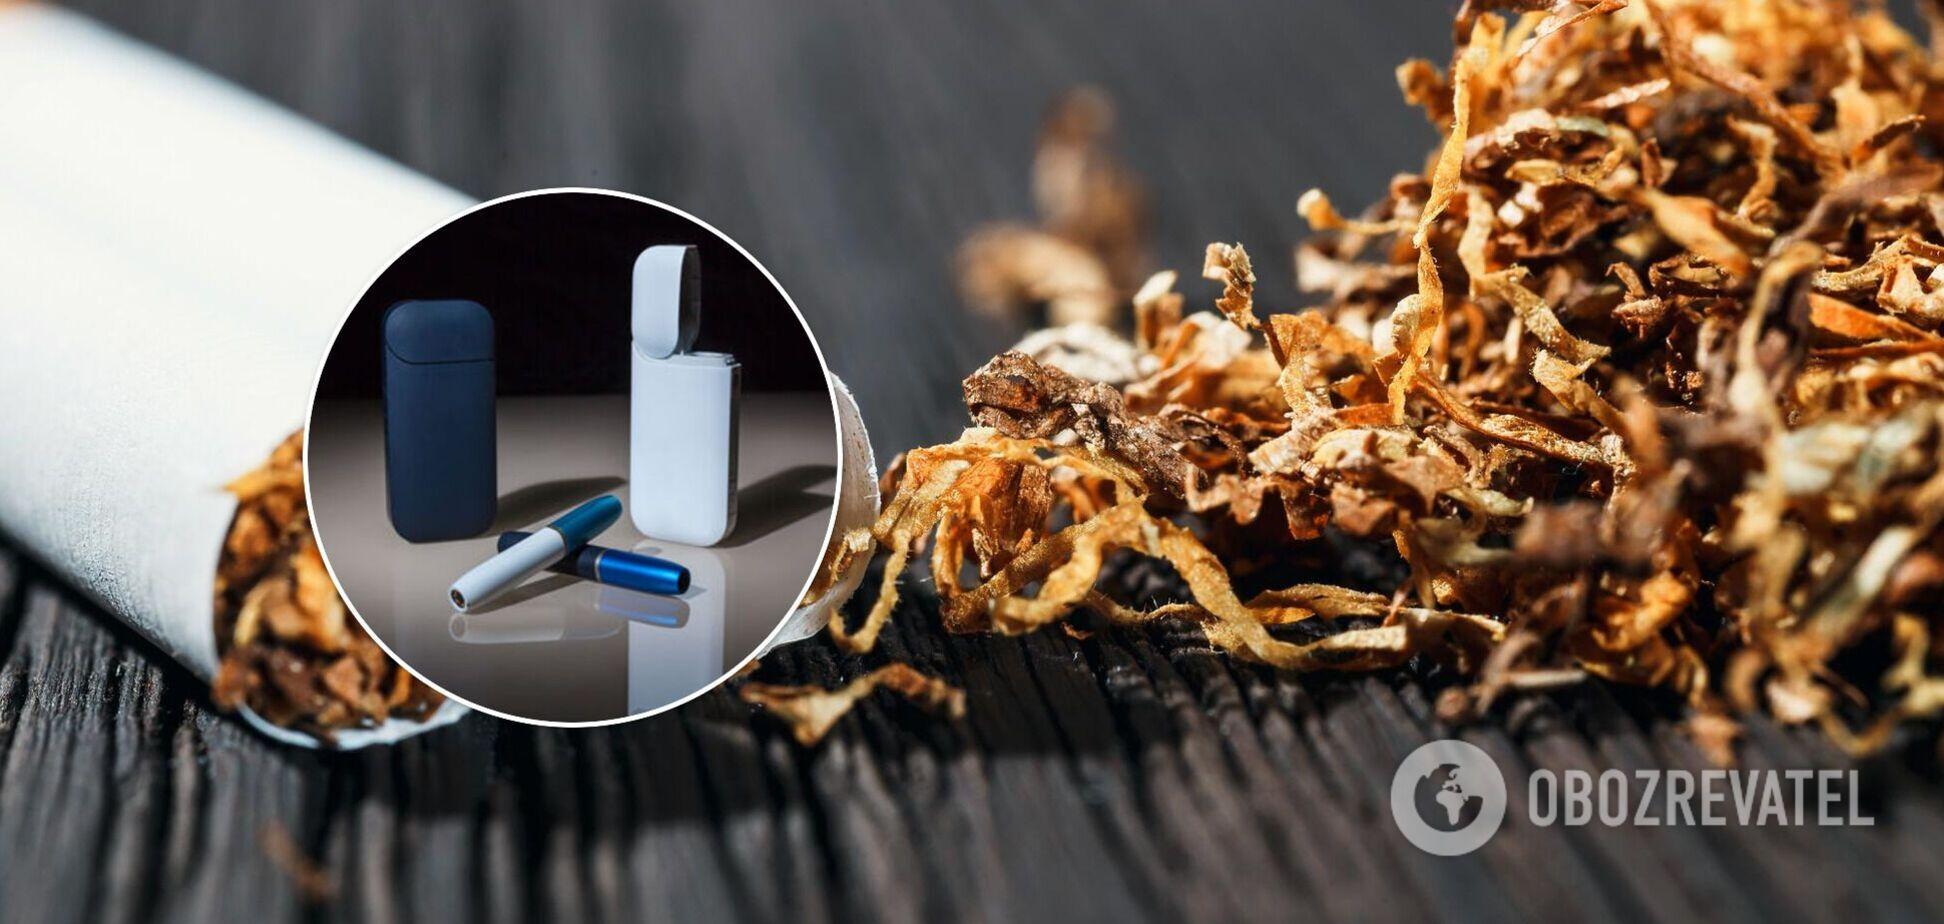 Через лобізм тютюнових виробів у Раді бюджет втратить мільярди, – експерт